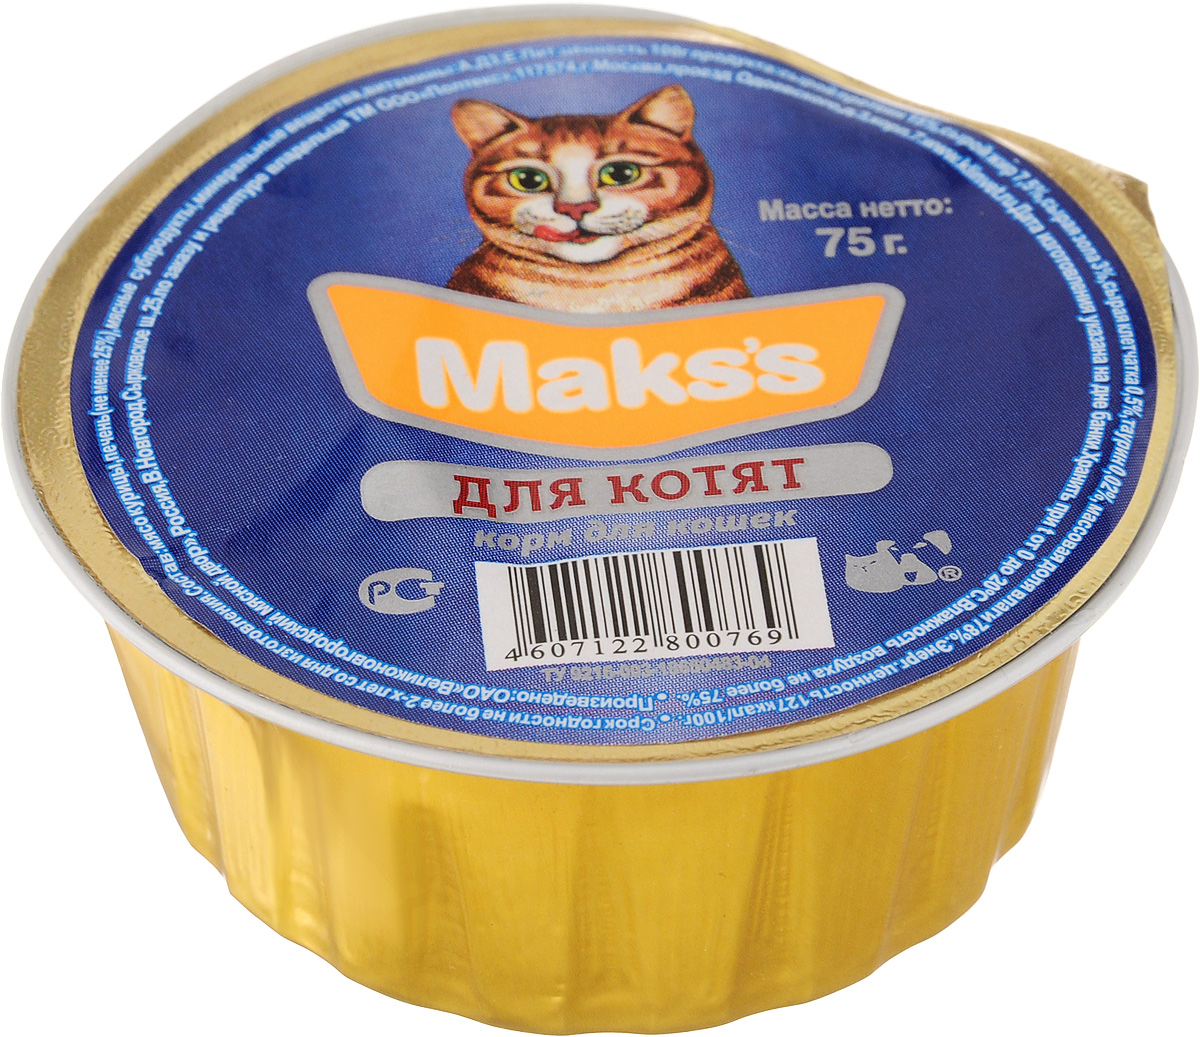 Консервы для котят Makss, 75 г0120710Консервированный корм Makss - это сбалансированное и полнорационное питание для котят, которое обеспечит вашего питомца необходимыми белками, жирами,витаминами и микроэлементами.Состав корма идеально подходит для кормления котенка. Удобная одноразовая упаковка сохраняет корм свежим и позволяет контролировать порцию потребления.Состав: курица, печень (не менее 25%), мясные субпродукты, печень, минеральные вещества, витамины А, D3, Е.Питательная ценность 100 г продукта: протеин 15%, жир 7,5%, зола 3%, клетчатка 0,5%, таурин 0,02%, массовая доля влаги 78%.Товар сертифицирован.